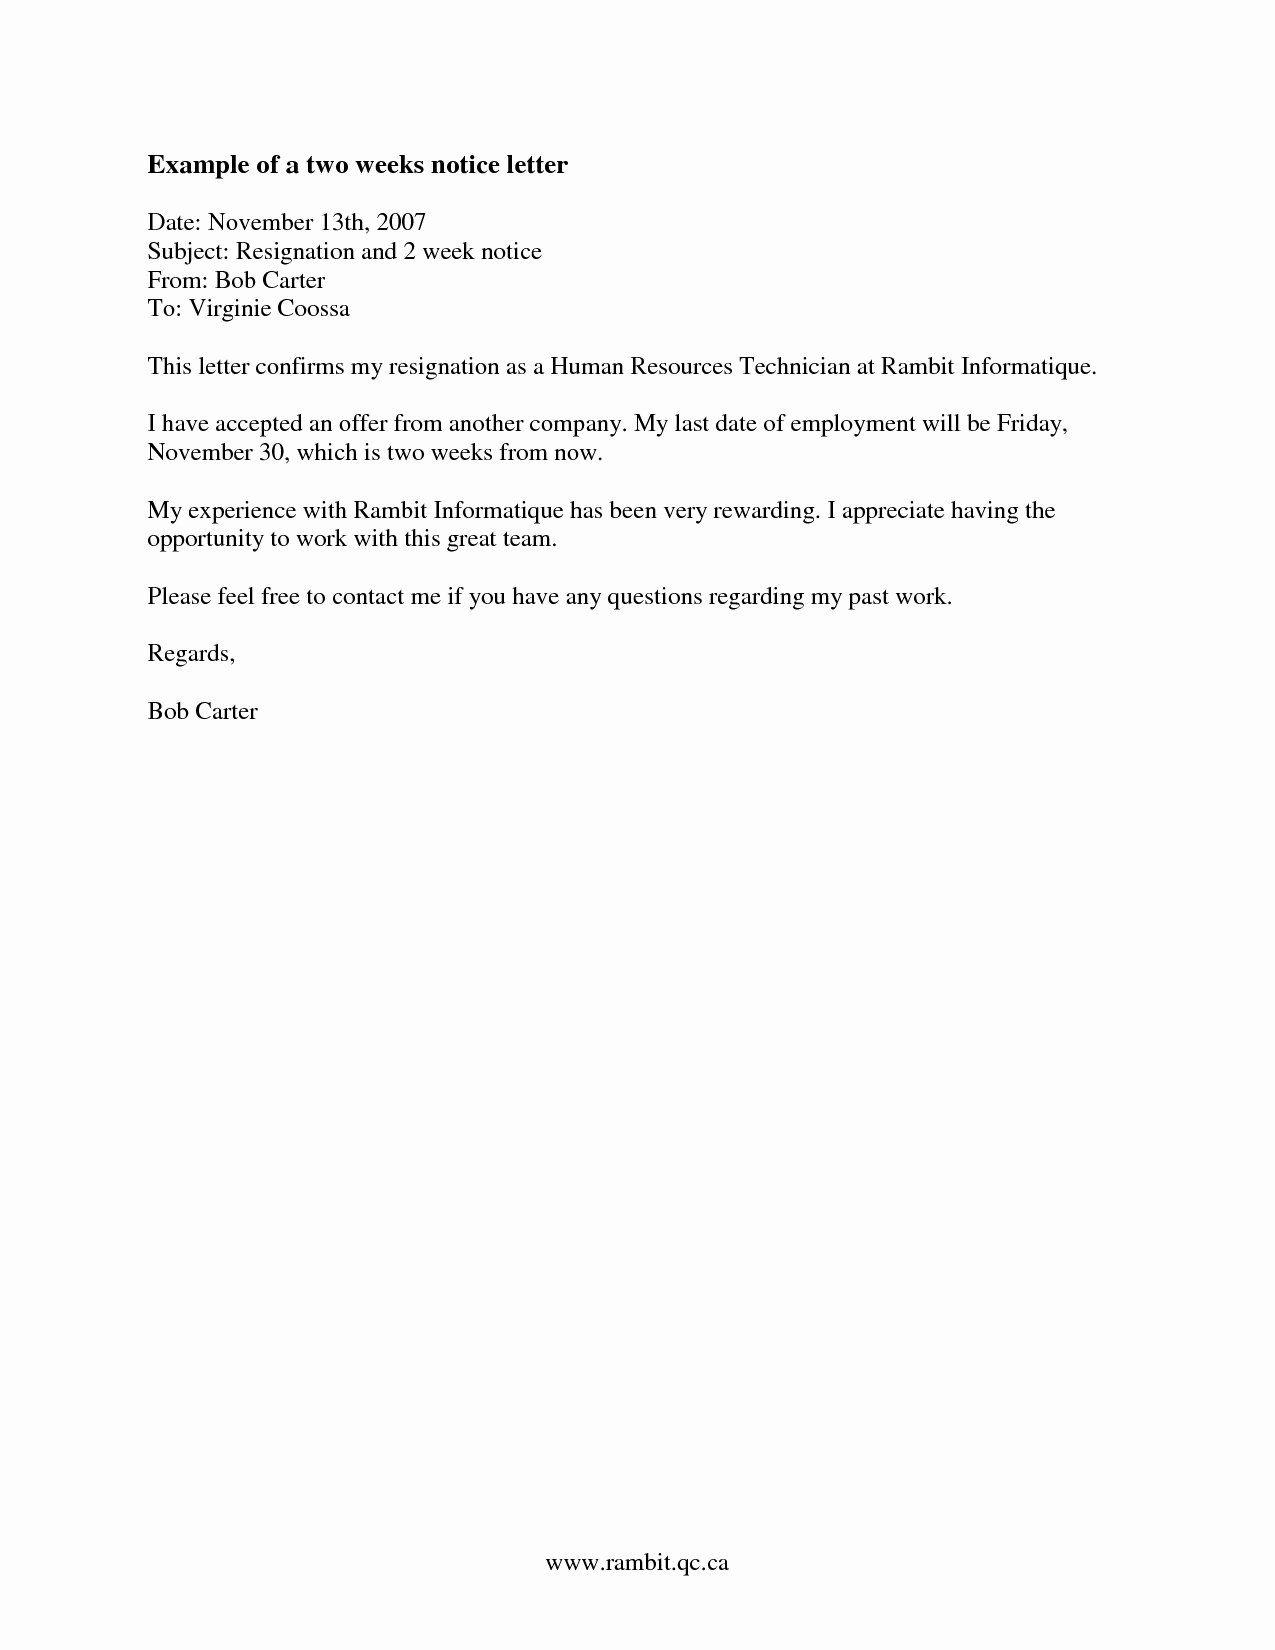 Sorority Recommendation Letter Template Fresh Sorority Re Mendation Letter Template Collection Sorority Recommendation Letter Resignation Letter Resignation